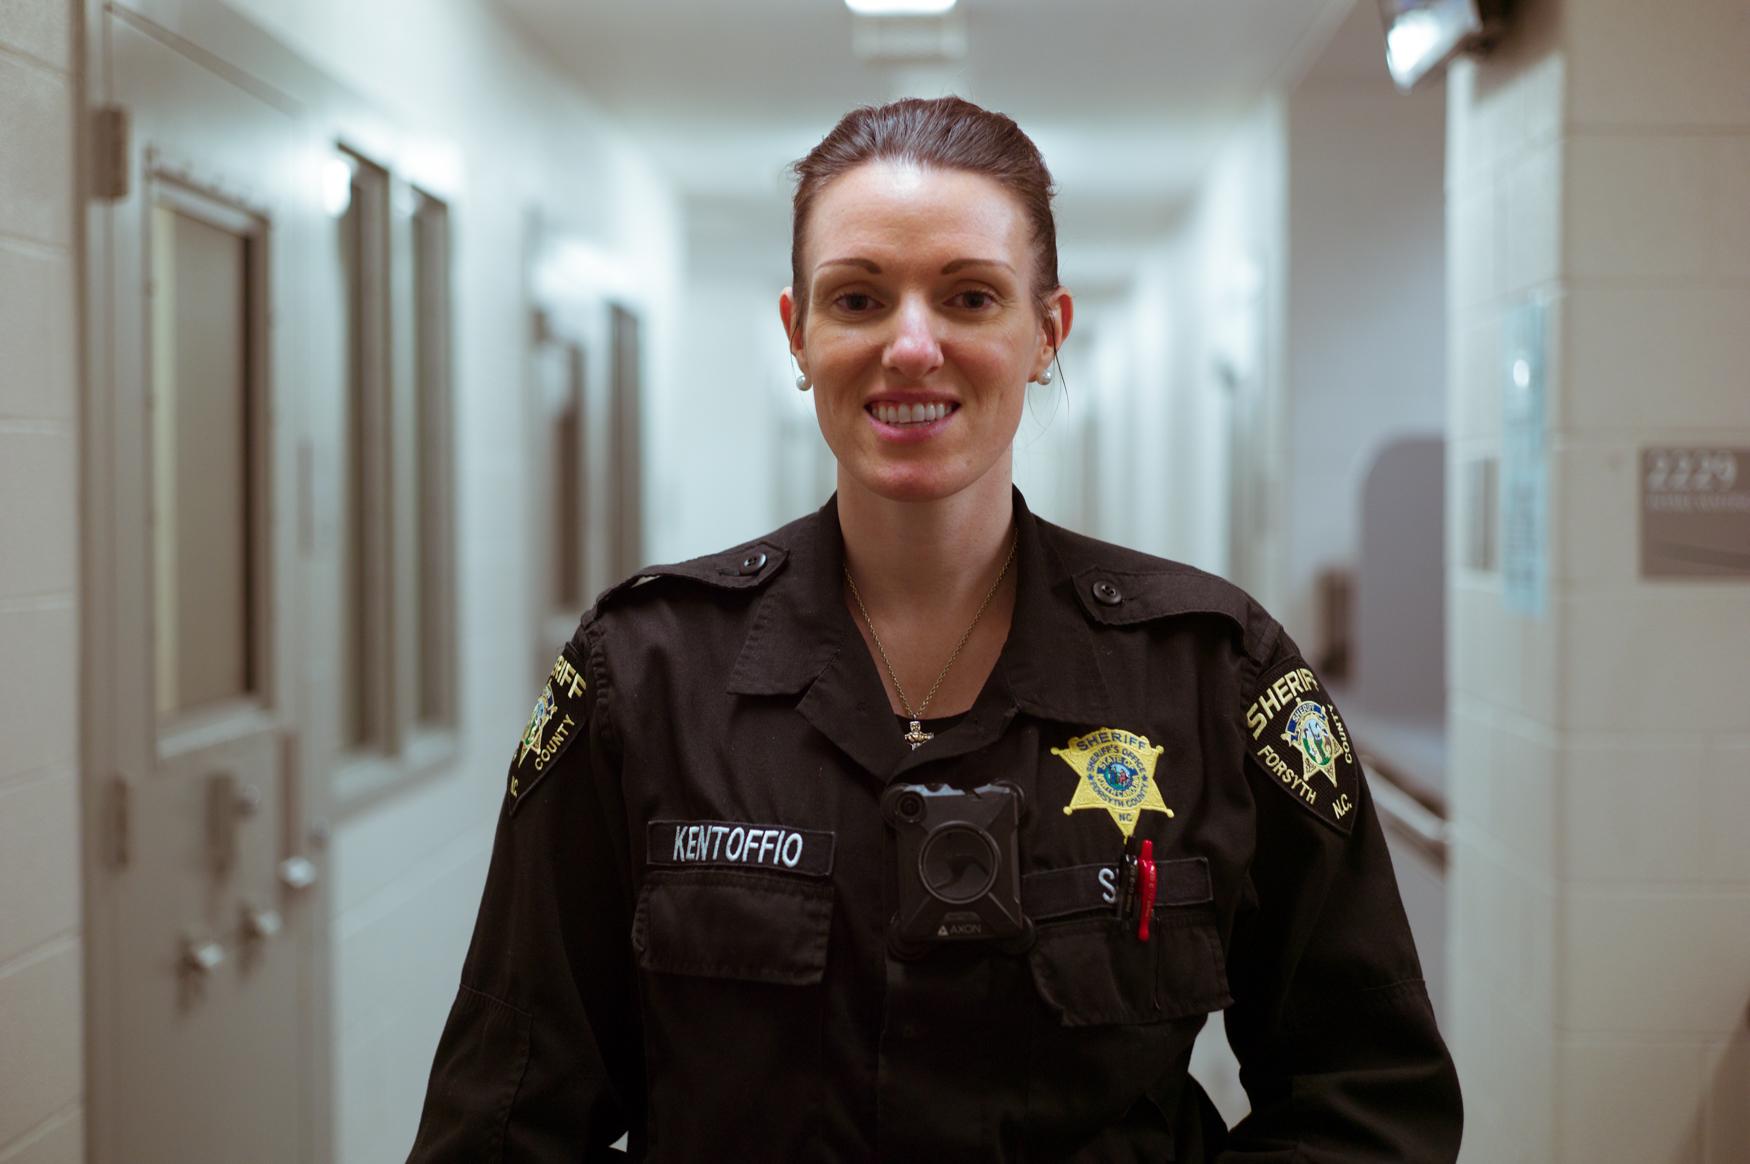 Intake Officer